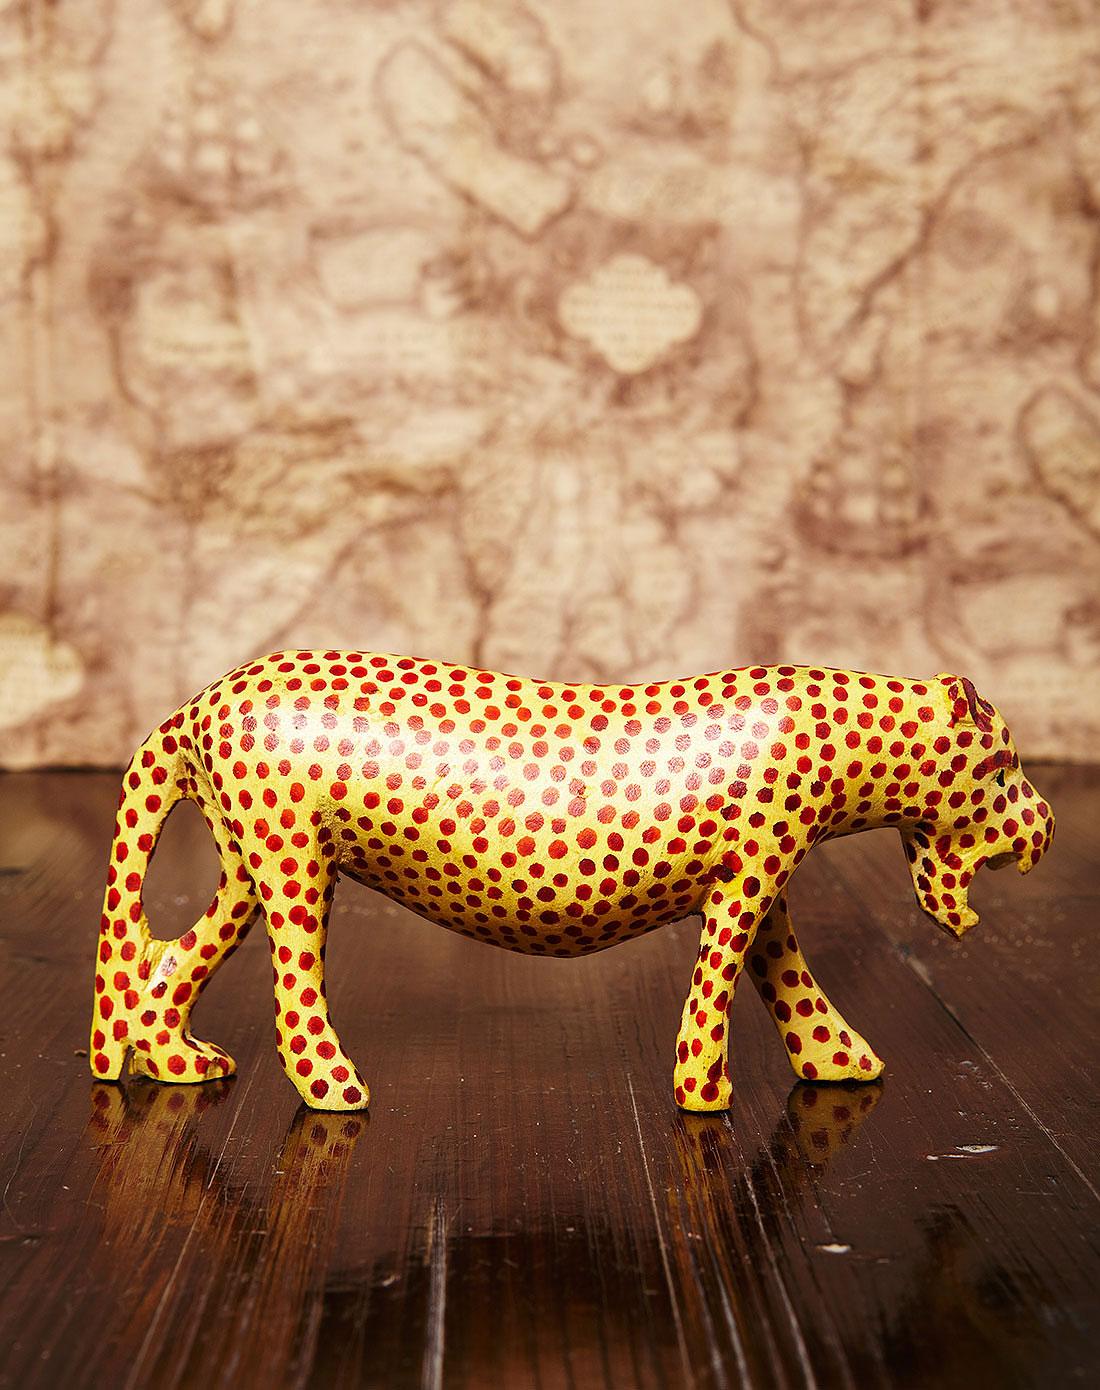 【非洲进口】猎豹.特级黄桑木手工雕刻